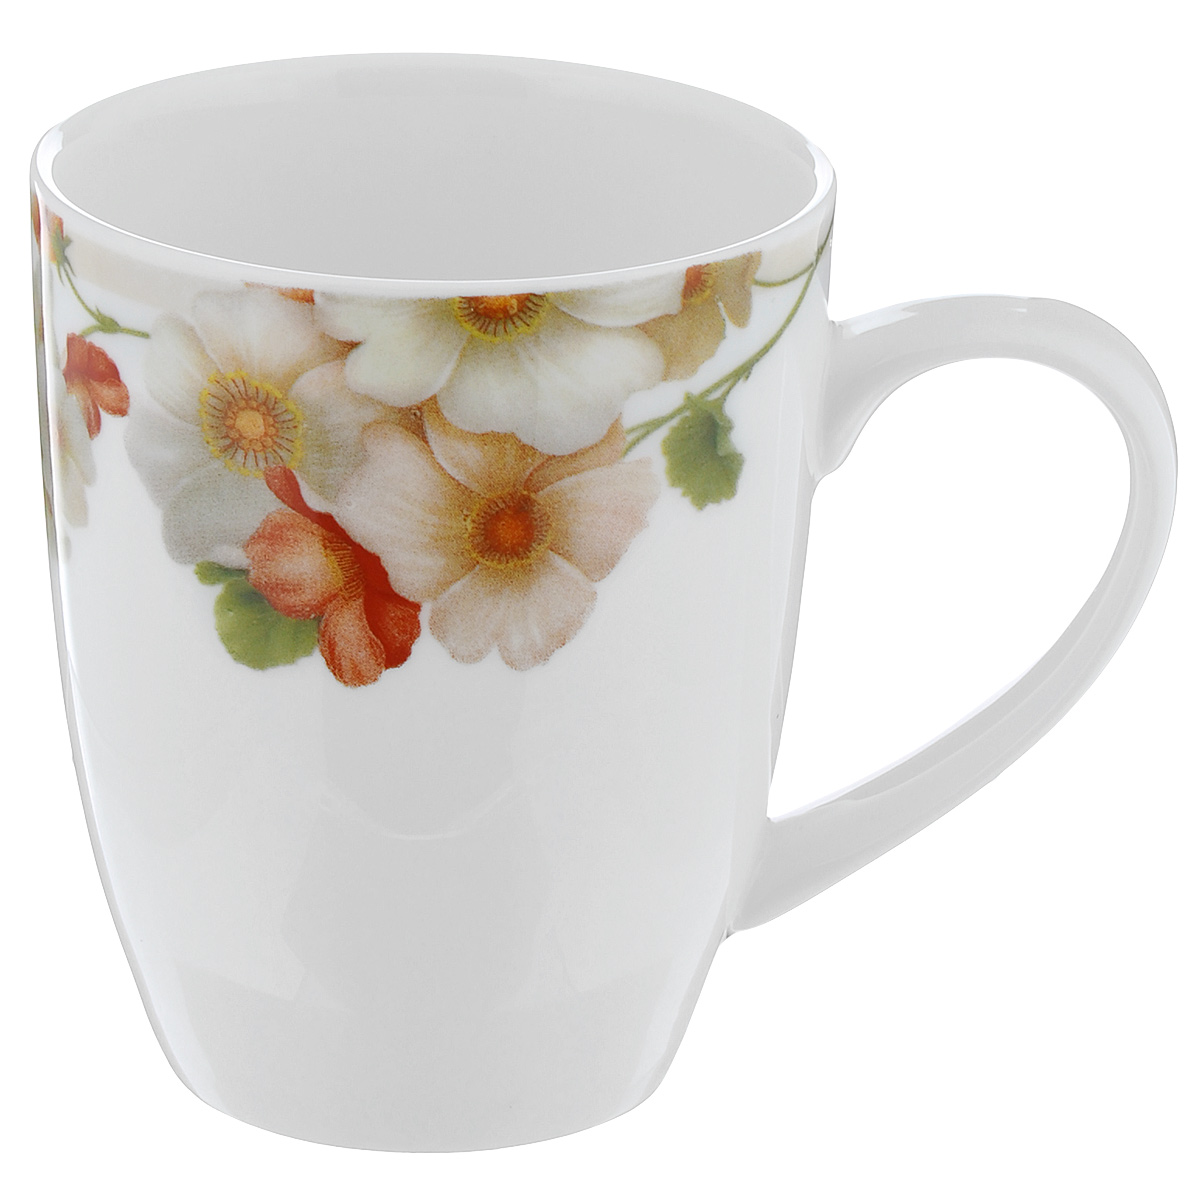 Кружка Nanshan Porcelain Мальва, цвет: белый, бежевый, 300 млGNNSML001360Кружка Nanshan Porcelain Мальва изготовлена из высококачественного фарфора.При изготовлении посуды фирмы Nanshan Porcelain применяются подглазурные деколи, что защищает рисунок от истирания и продлевает срок эксплуатации посуды.Посуда безопасна для здоровья и окружающей среды, не содержит свинец и кадмий.Можно использовать в микроволновой печи и мыть в посудомоечноймашине.Объем: 300 мл. Диаметр (по верхнему краю): 8 см. Высота кружки: 10 см.